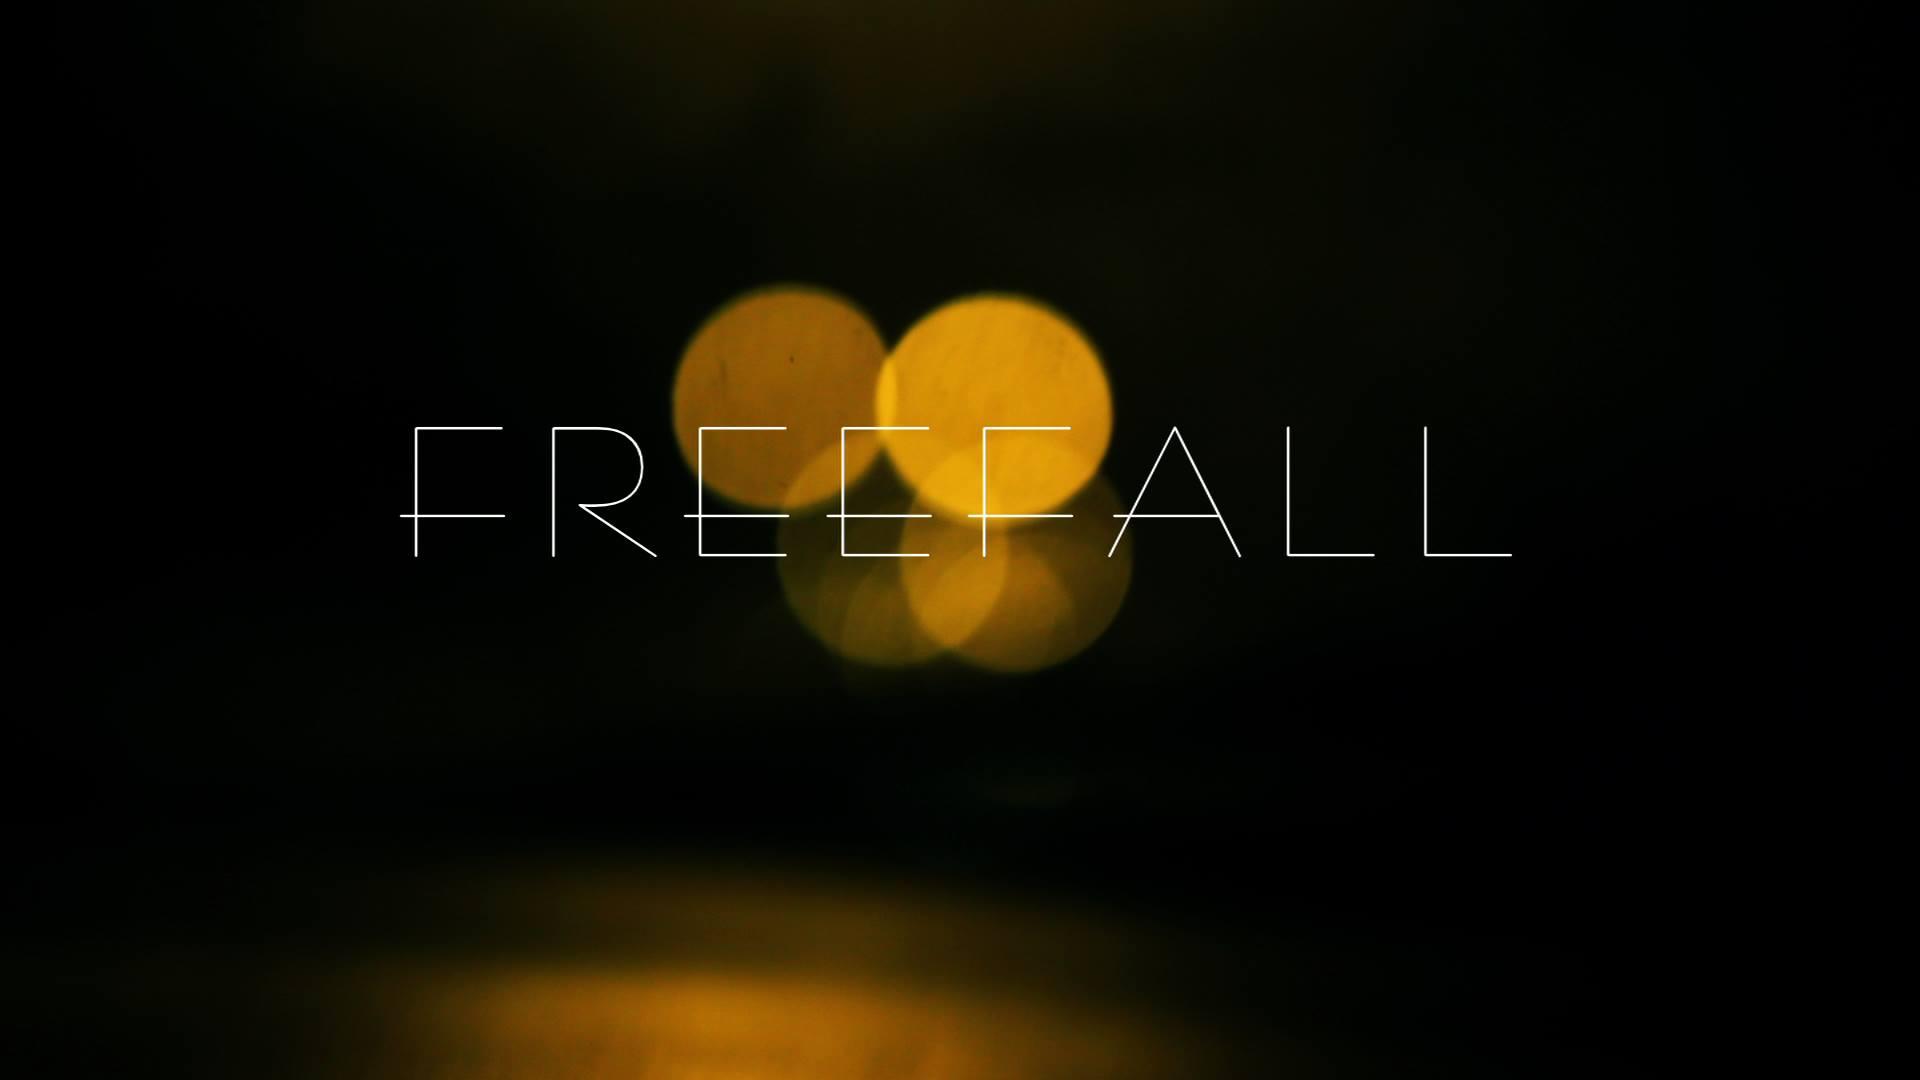 freefall0logo